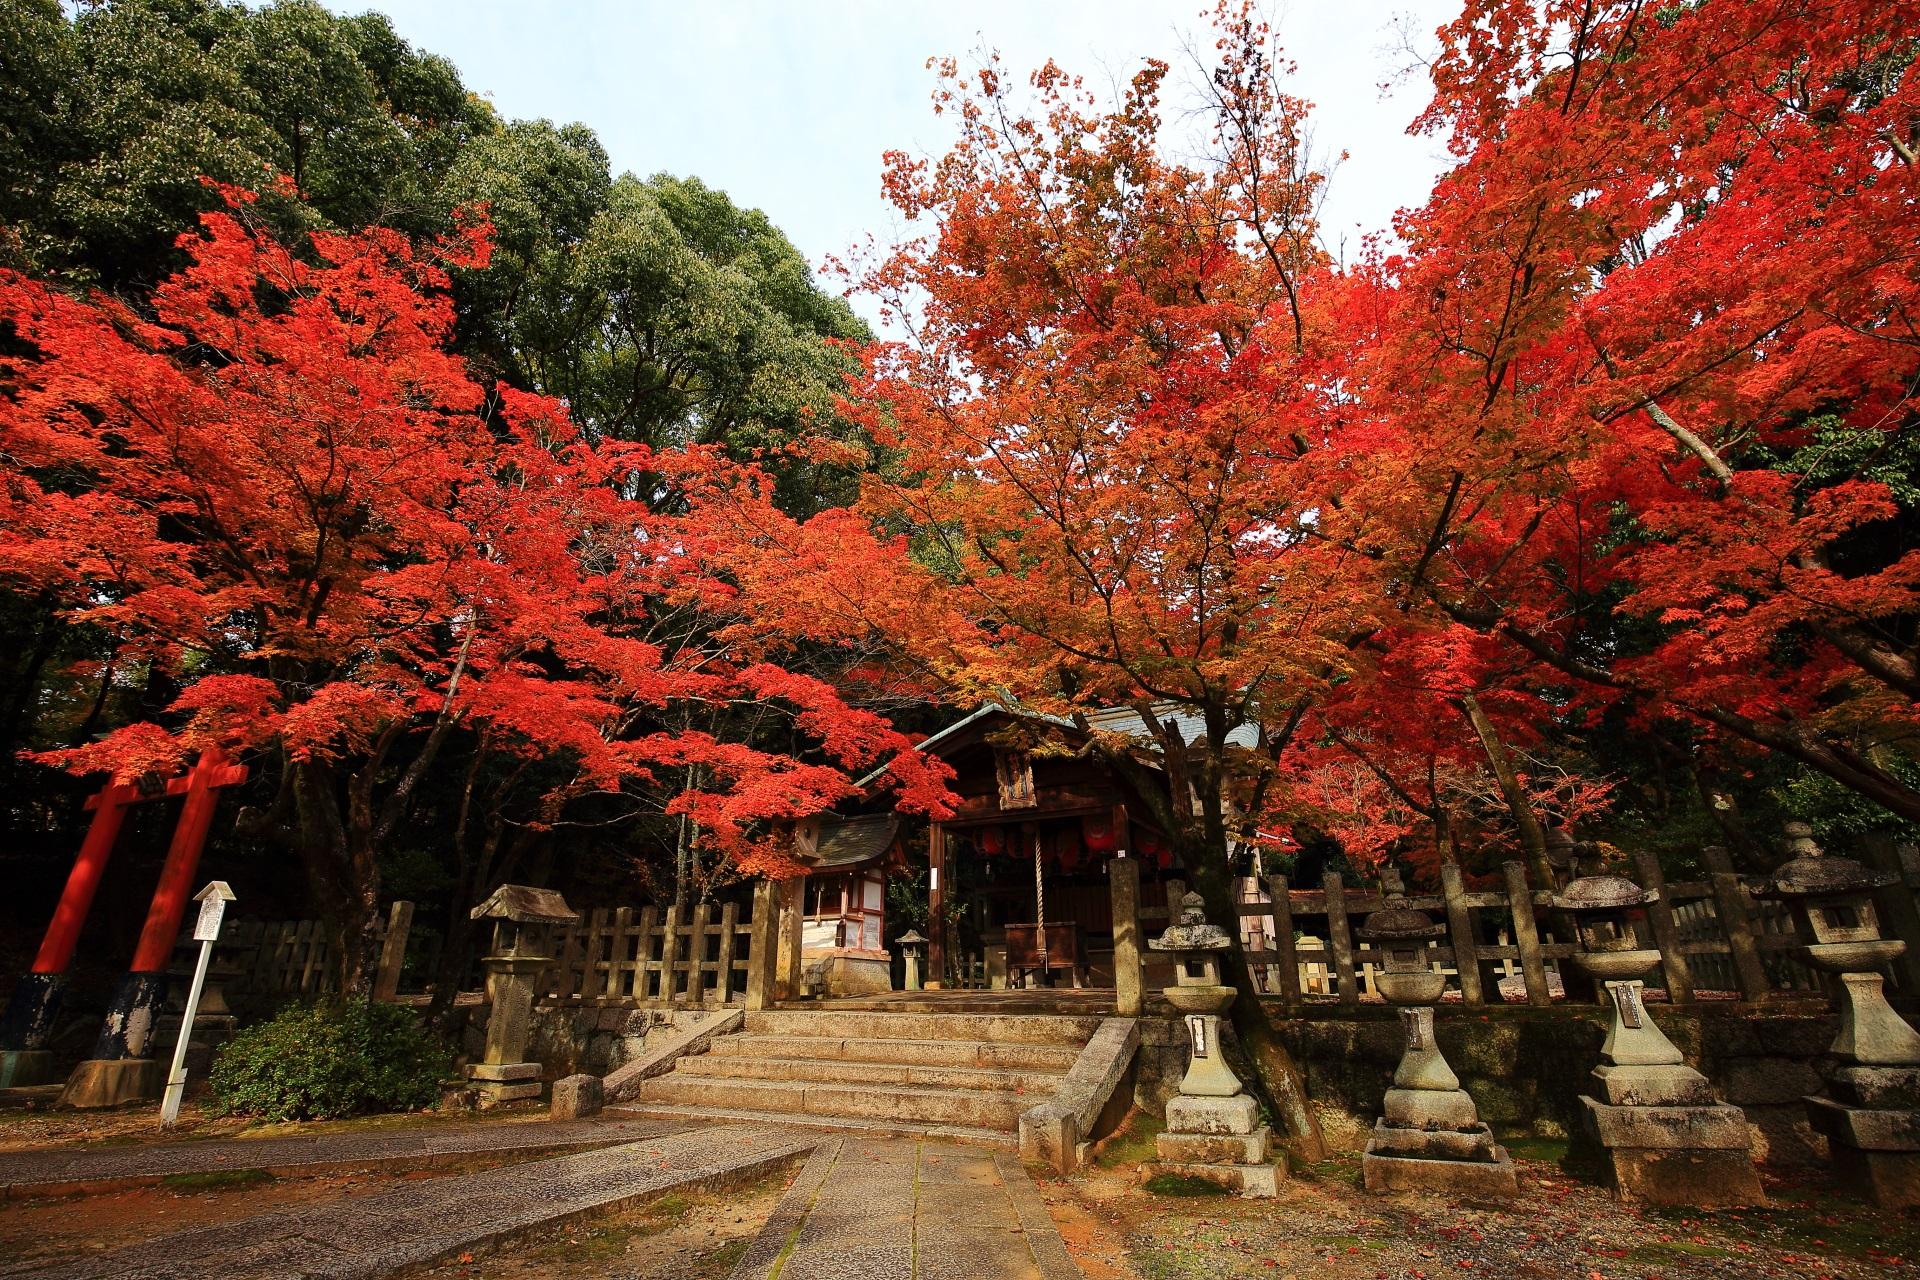 京都最大級の紅葉の穴場の竹中稲荷神社